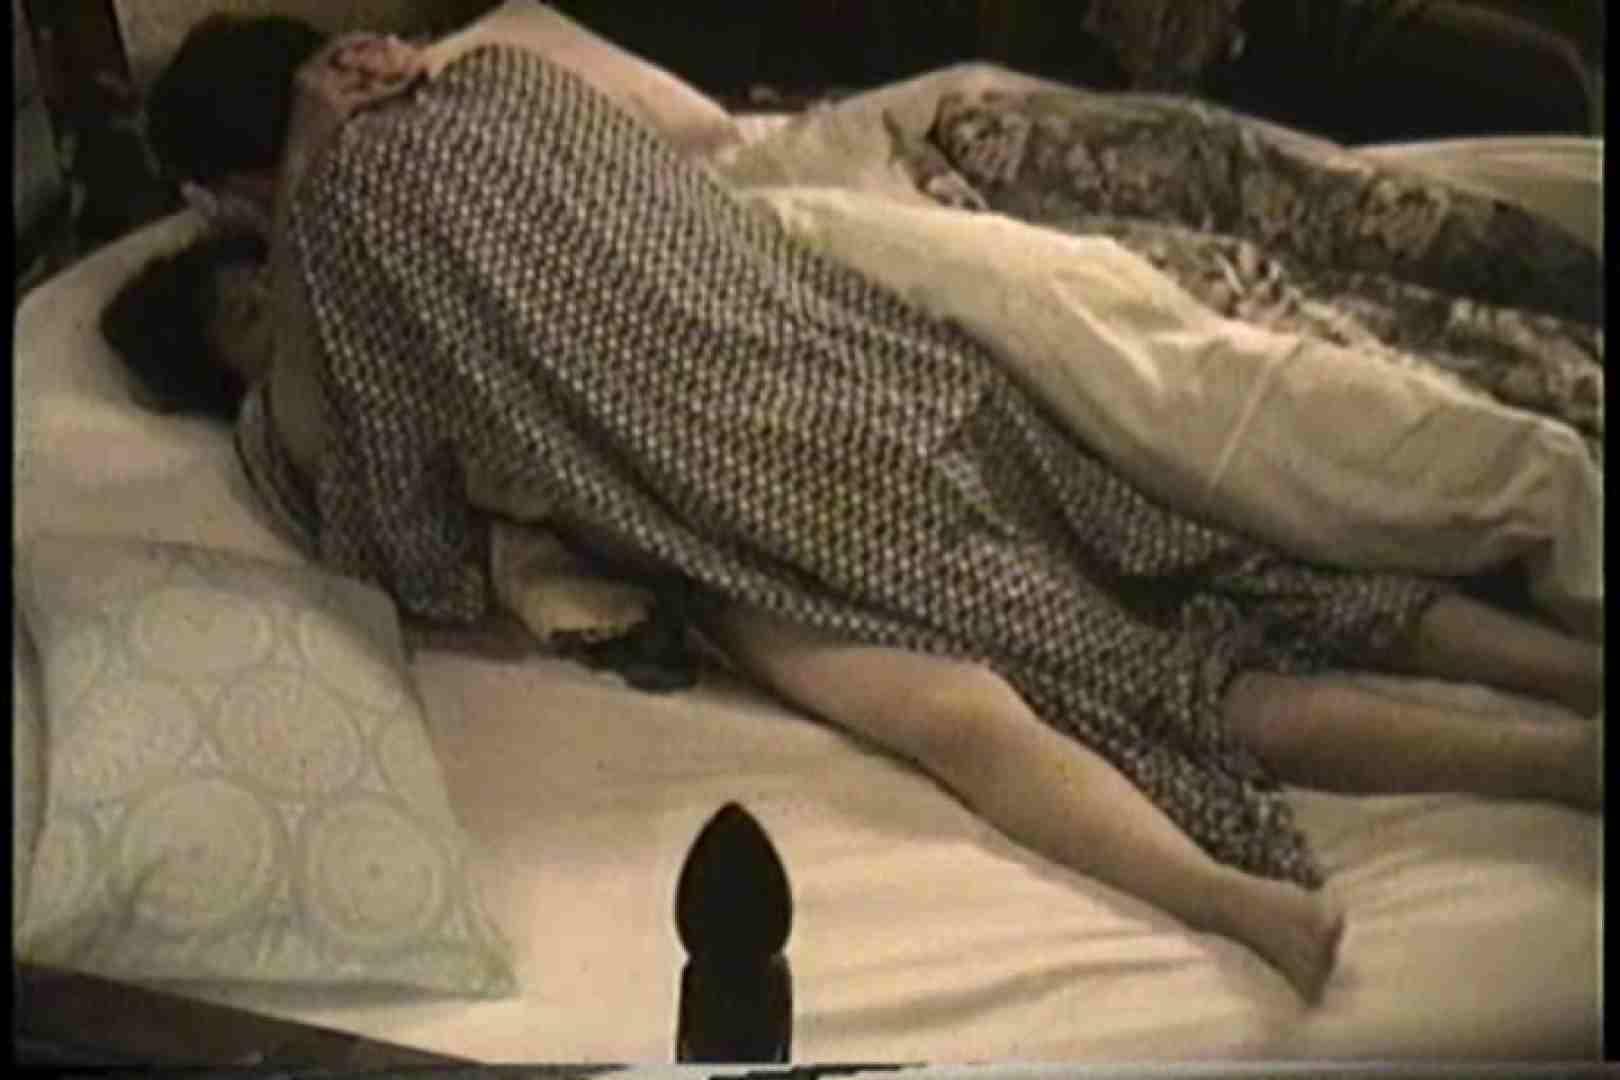 実録!ラブホテル~消し忘れ注意!昭和の色編~ vol.21 クンニ ぱこり動画紹介 107PIX 17